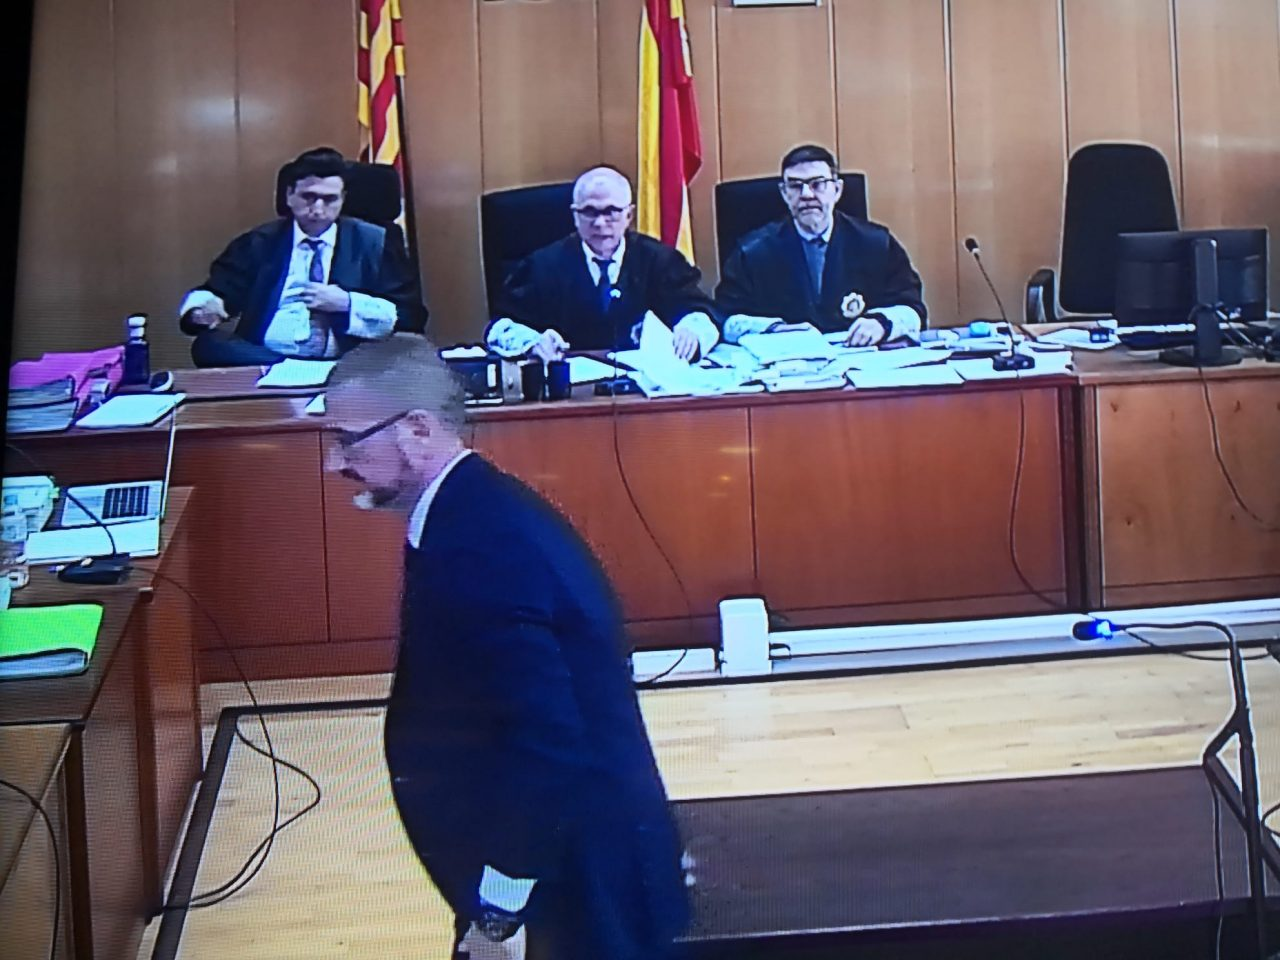 rafel-comes_mossos-1280x960.jpg